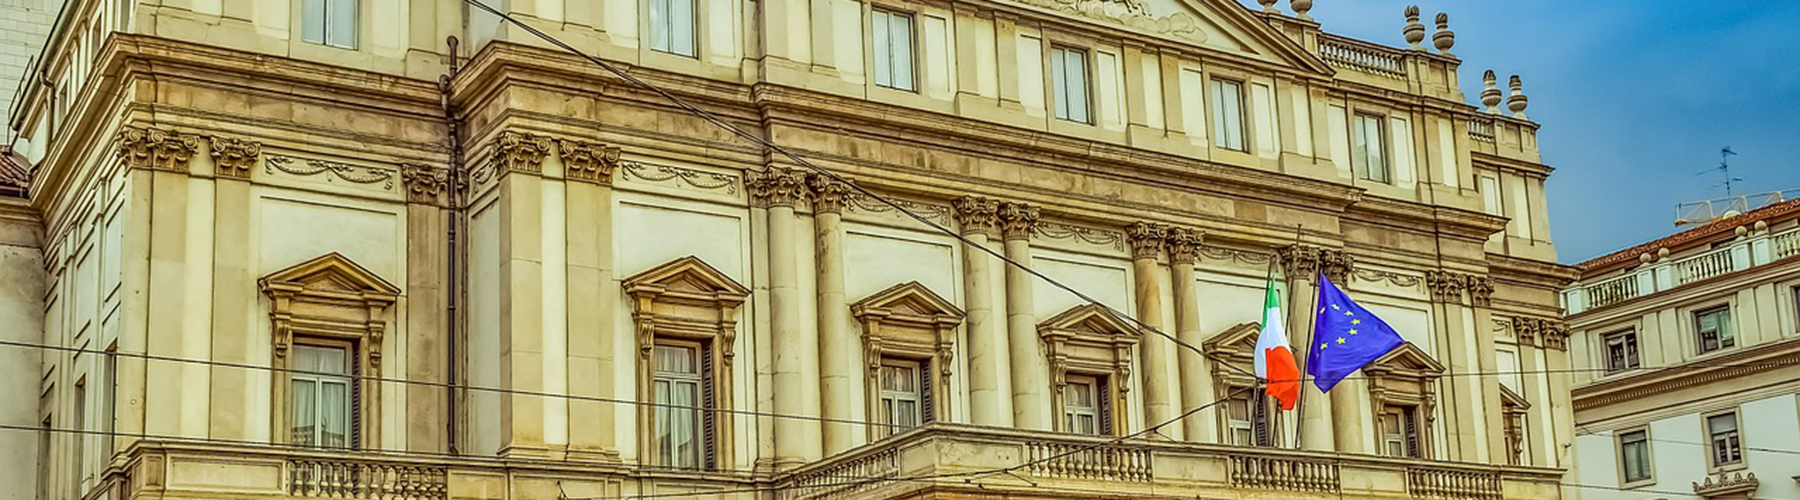 밀라노 - 라 스칼라 극장와 가까운 호스텔. 밀라노의 지도, 밀라노에 위치한 호스텔 사진 및 후기 정보.